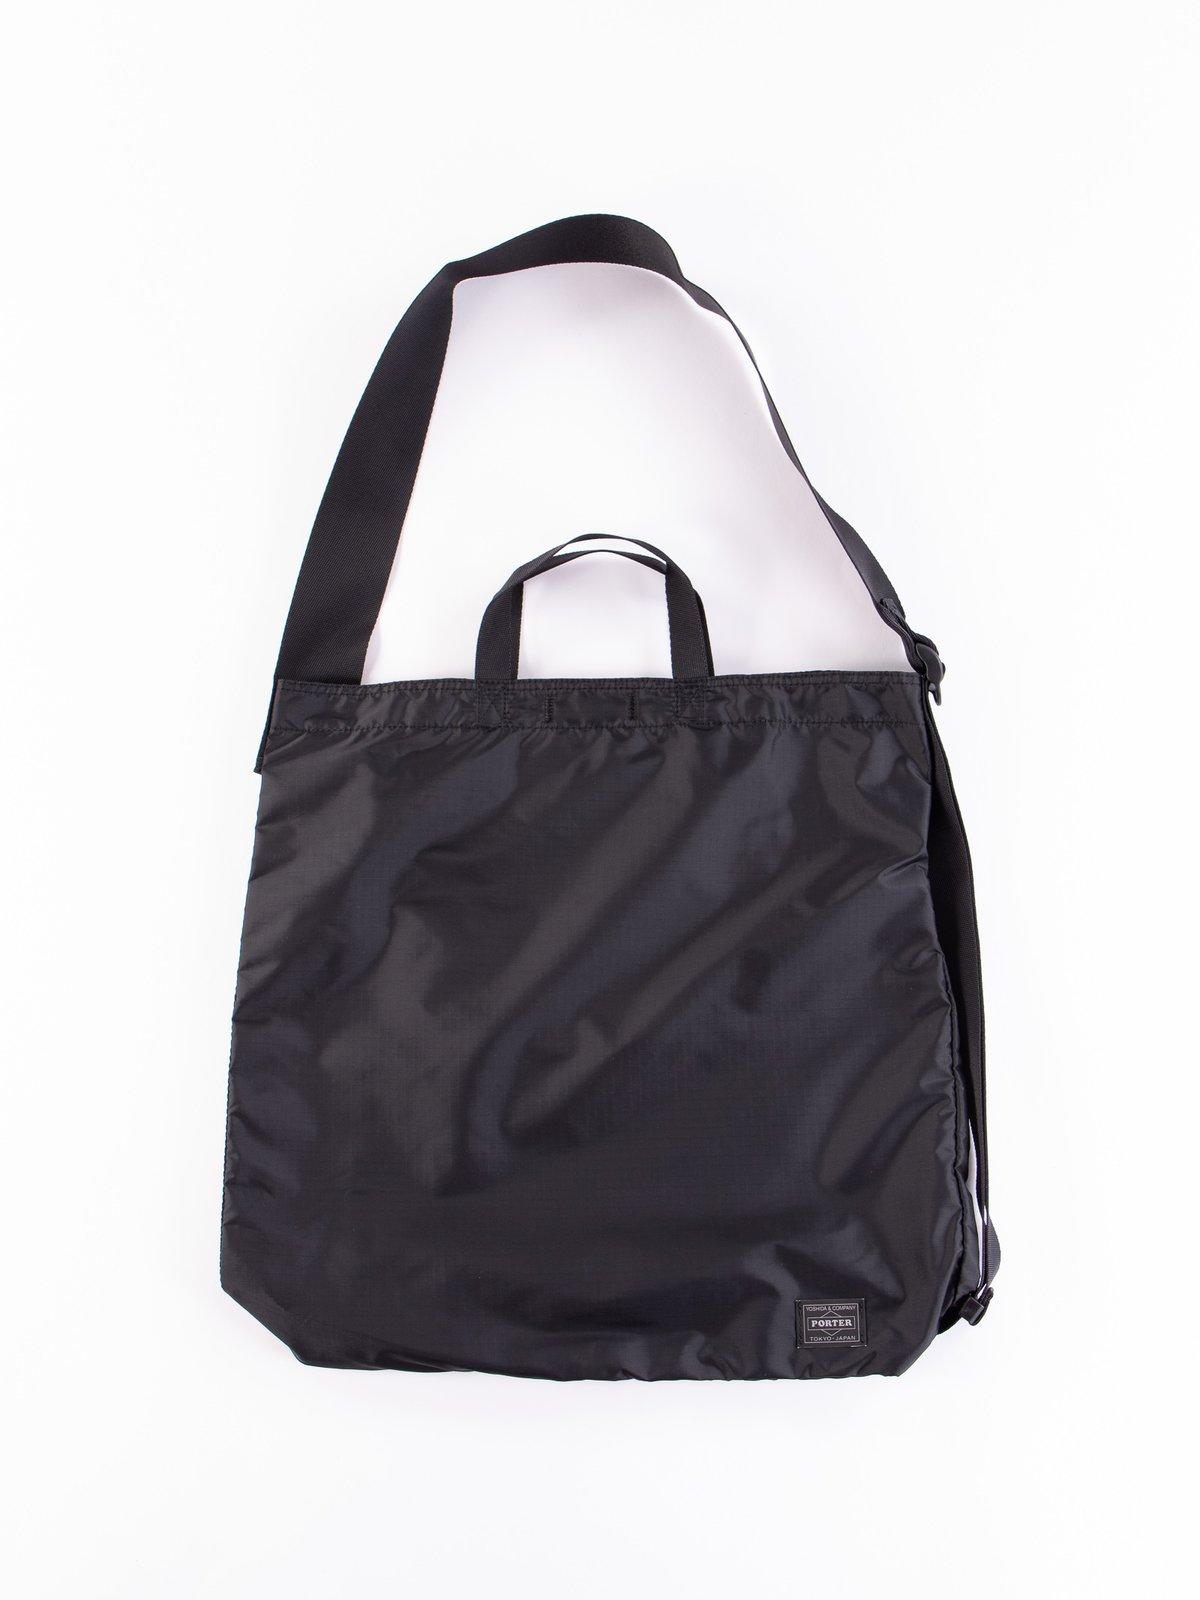 Black Flex 2Way Shoulder Bag - Image 1